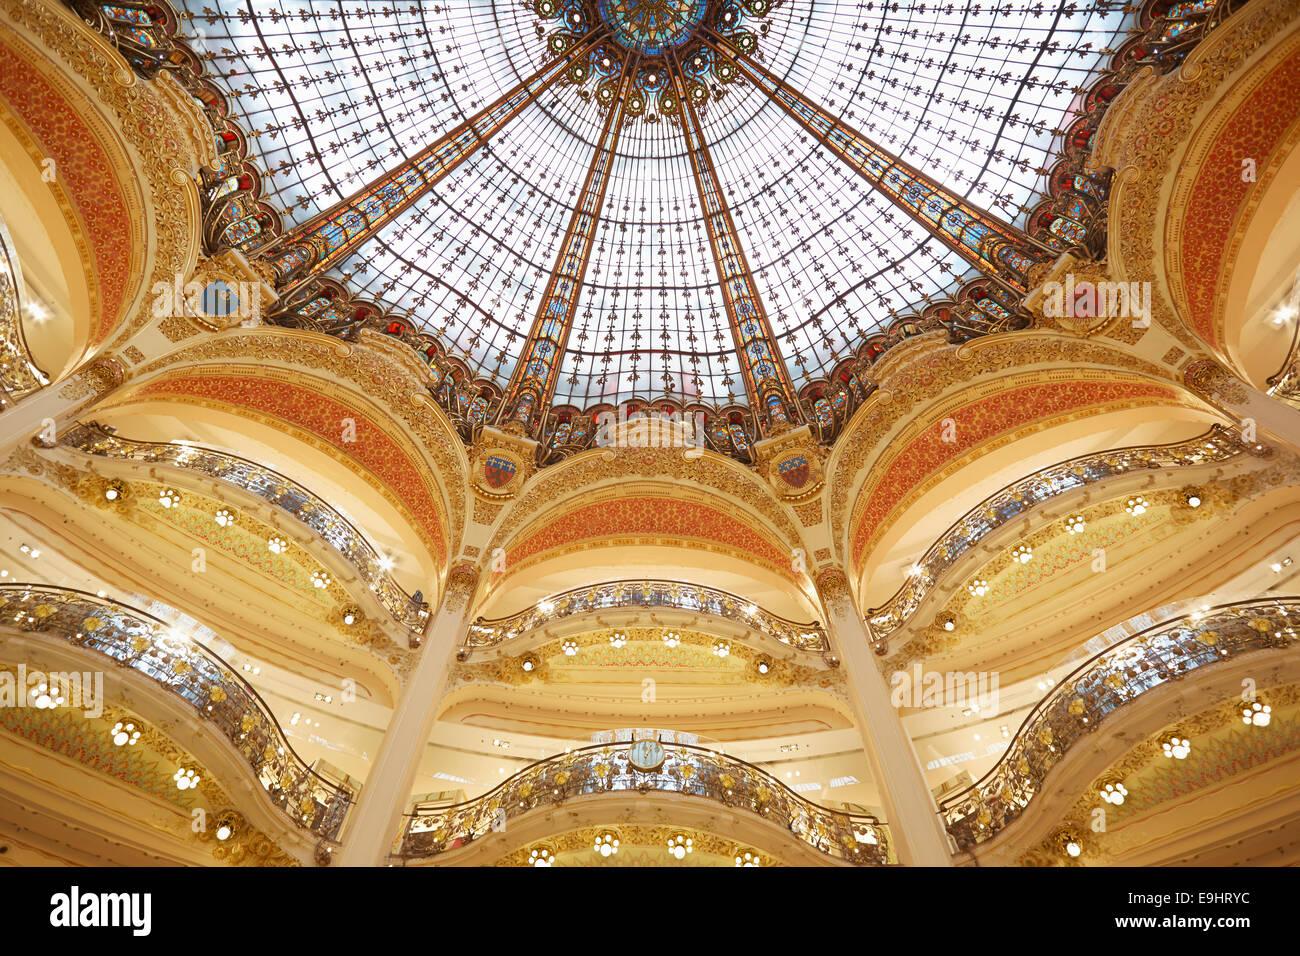 Galeries Lafayette dome, interior in Paris - Stock Image